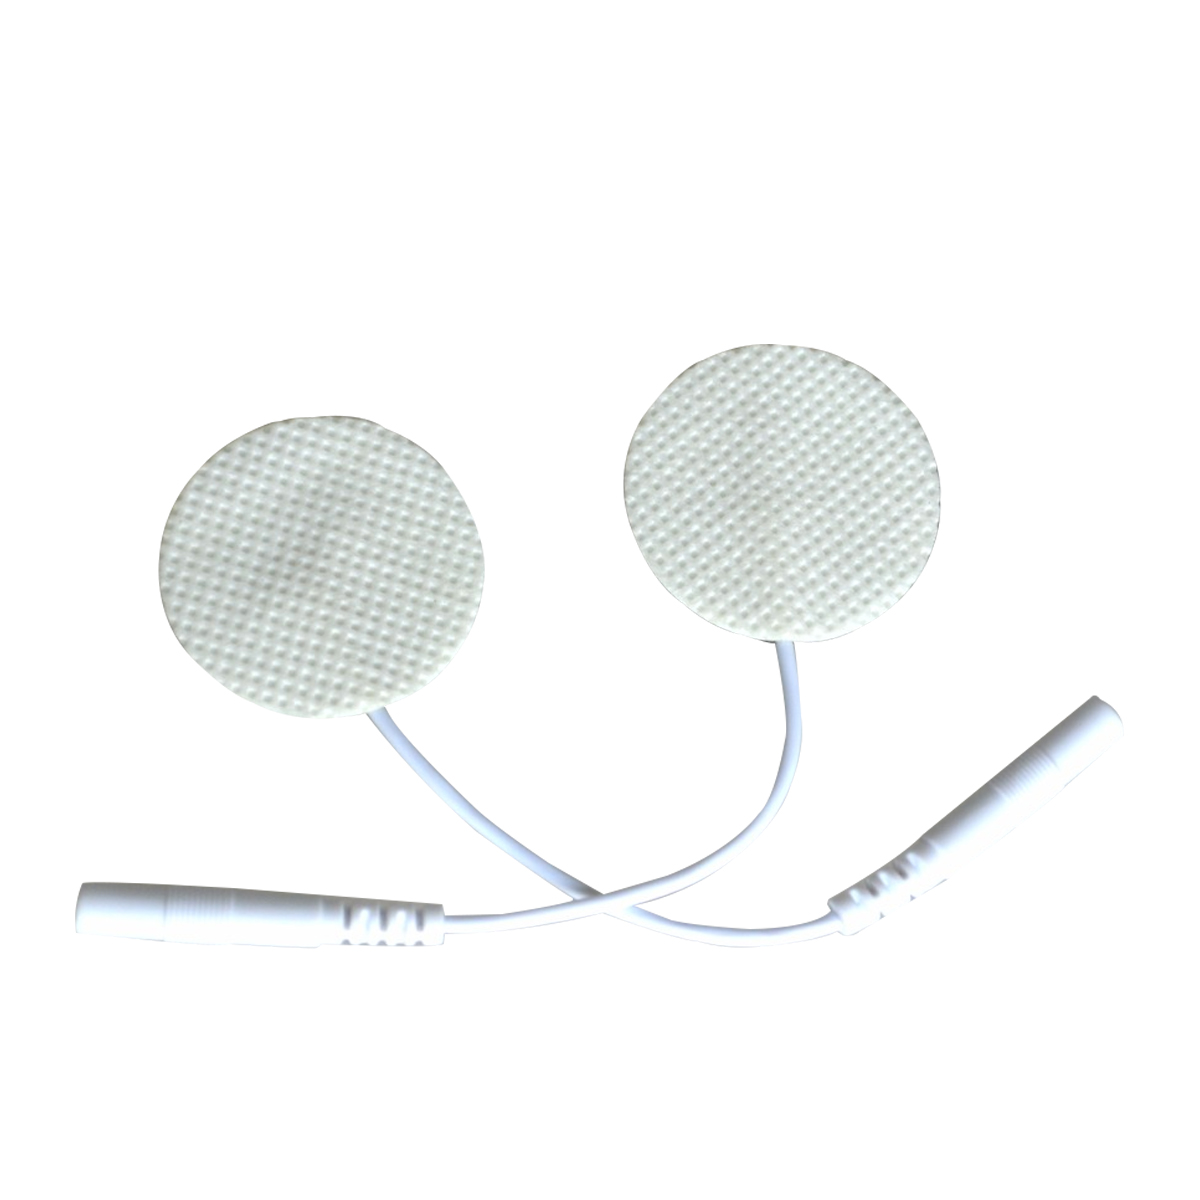 1000 пар/лот электрод круглый нетканые самоклеящиеся десятки электродов колодки с жильный кабель для цифровой терапии машина массаж